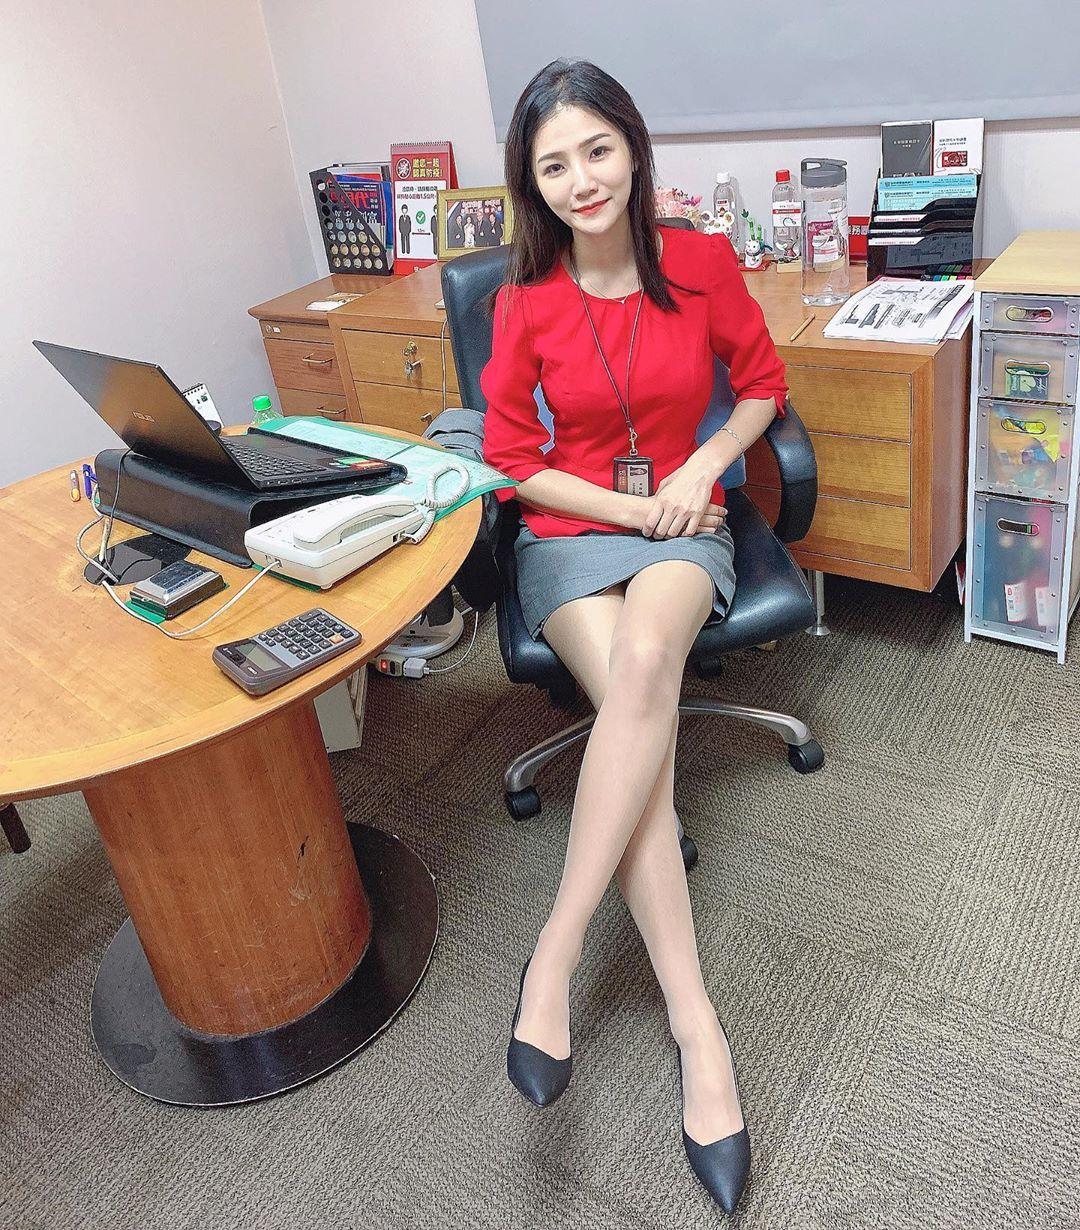 台北银行理财专员林小欣沙滩展示极品身材超凶猛 养眼图片 第5张